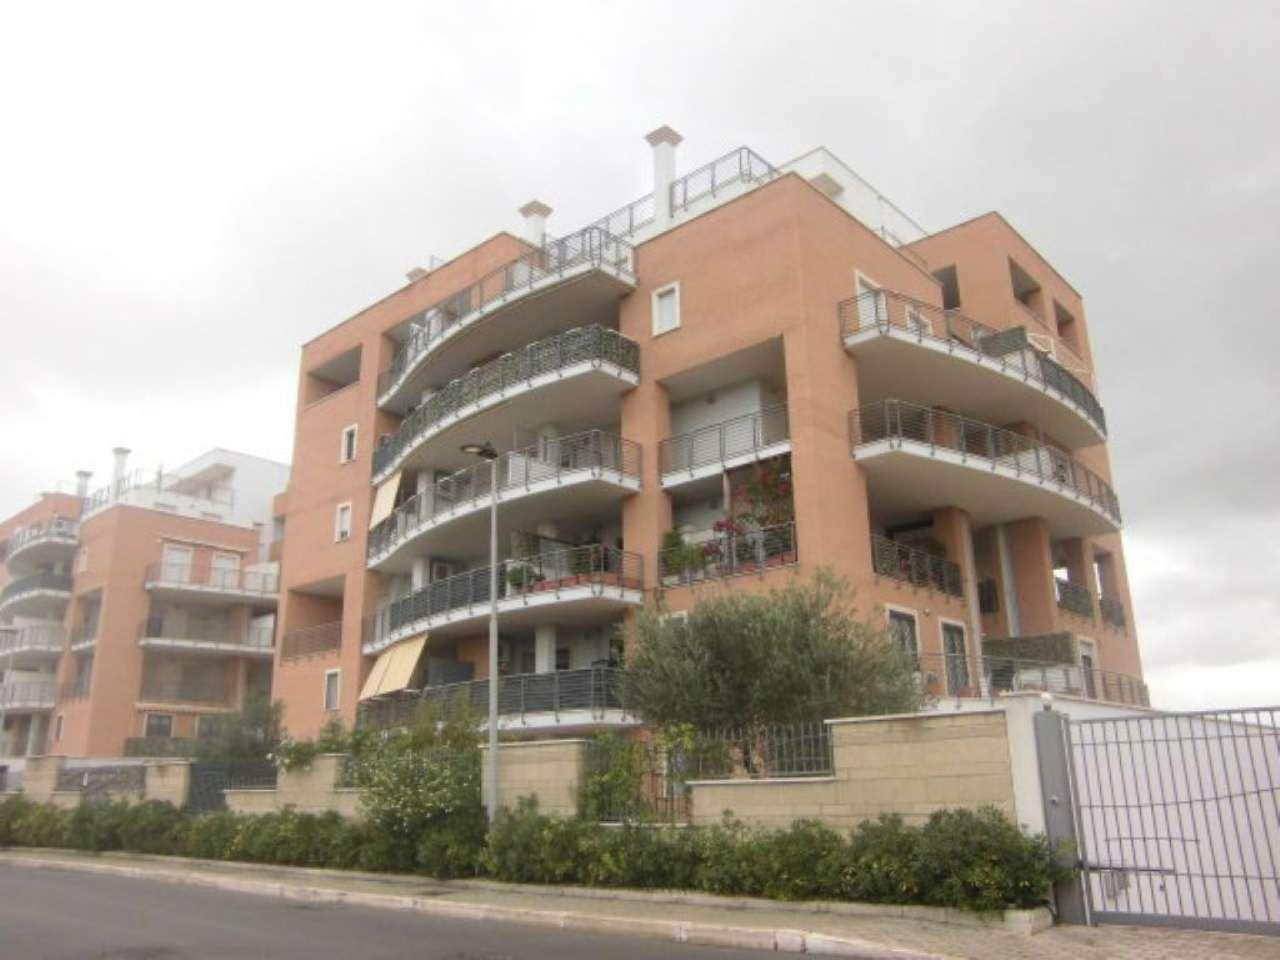 Appartamento in vendita a Pomezia, 2 locali, prezzo € 140.000 | CambioCasa.it